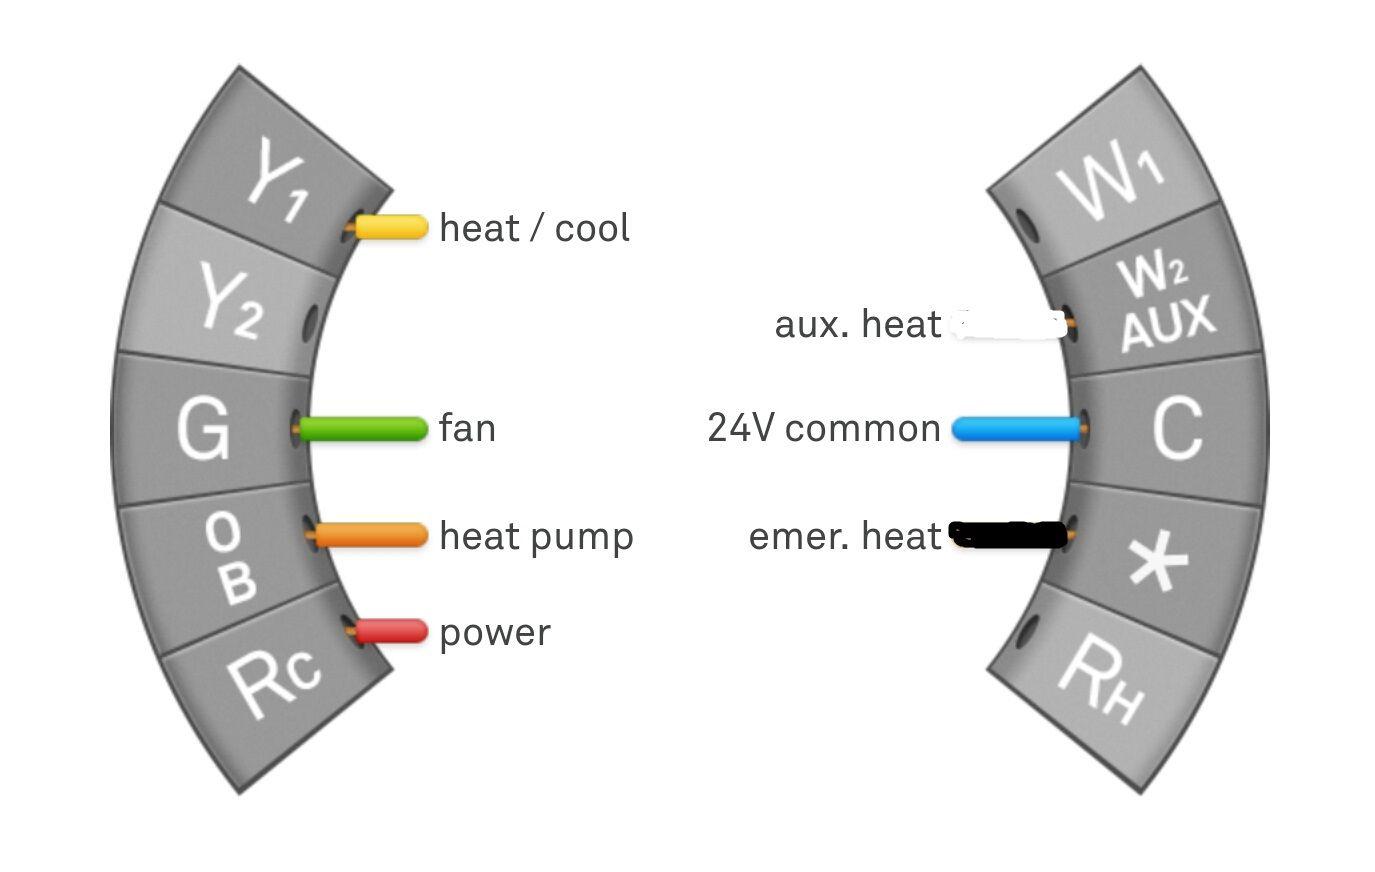 Nest Thermostat and Heat Pumps w/ Aux Heat pump, Nest